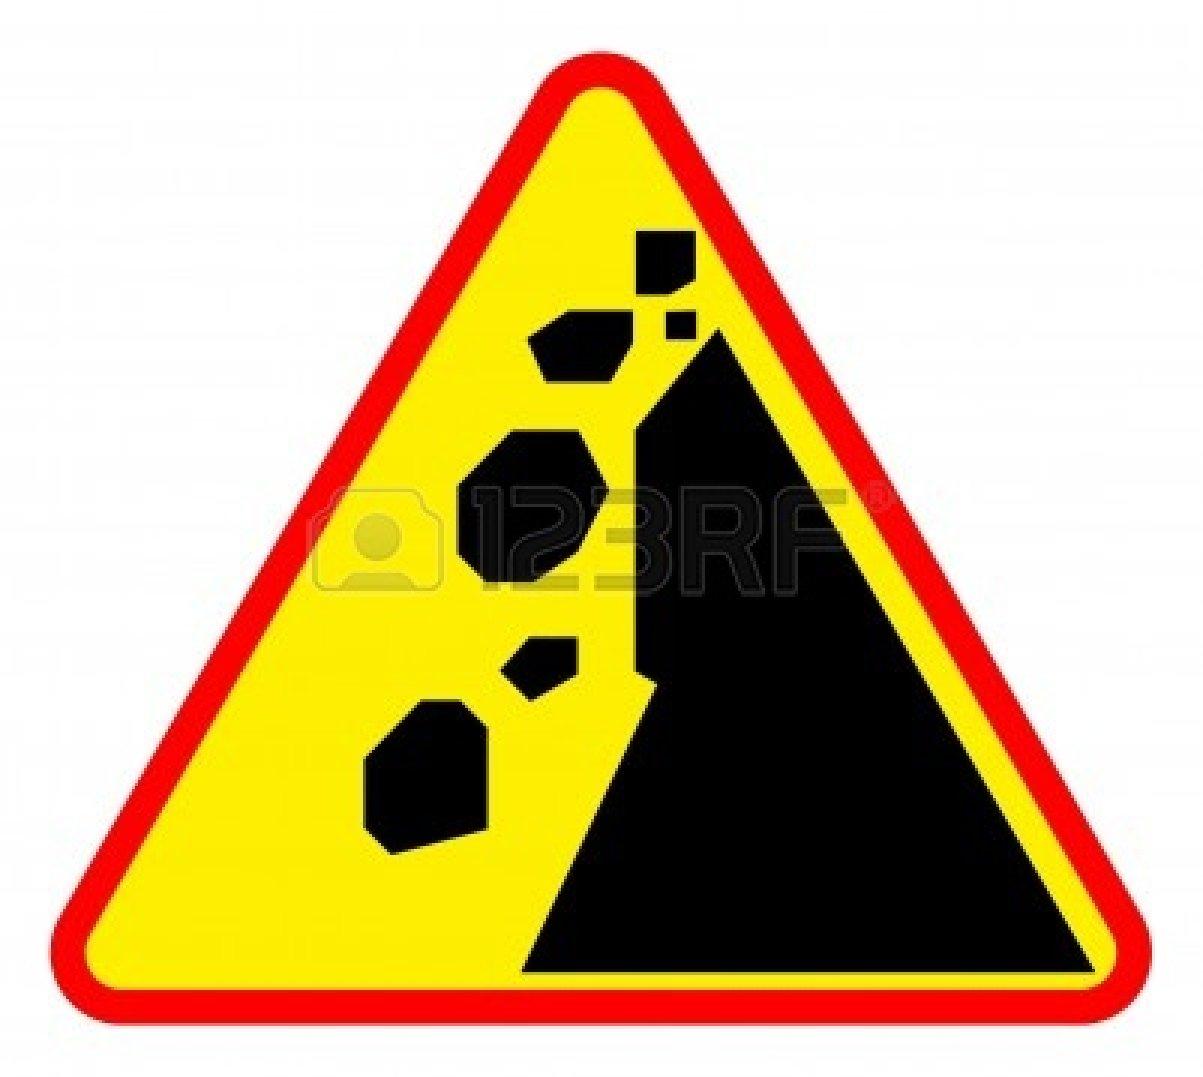 Falling rocks or landslide.